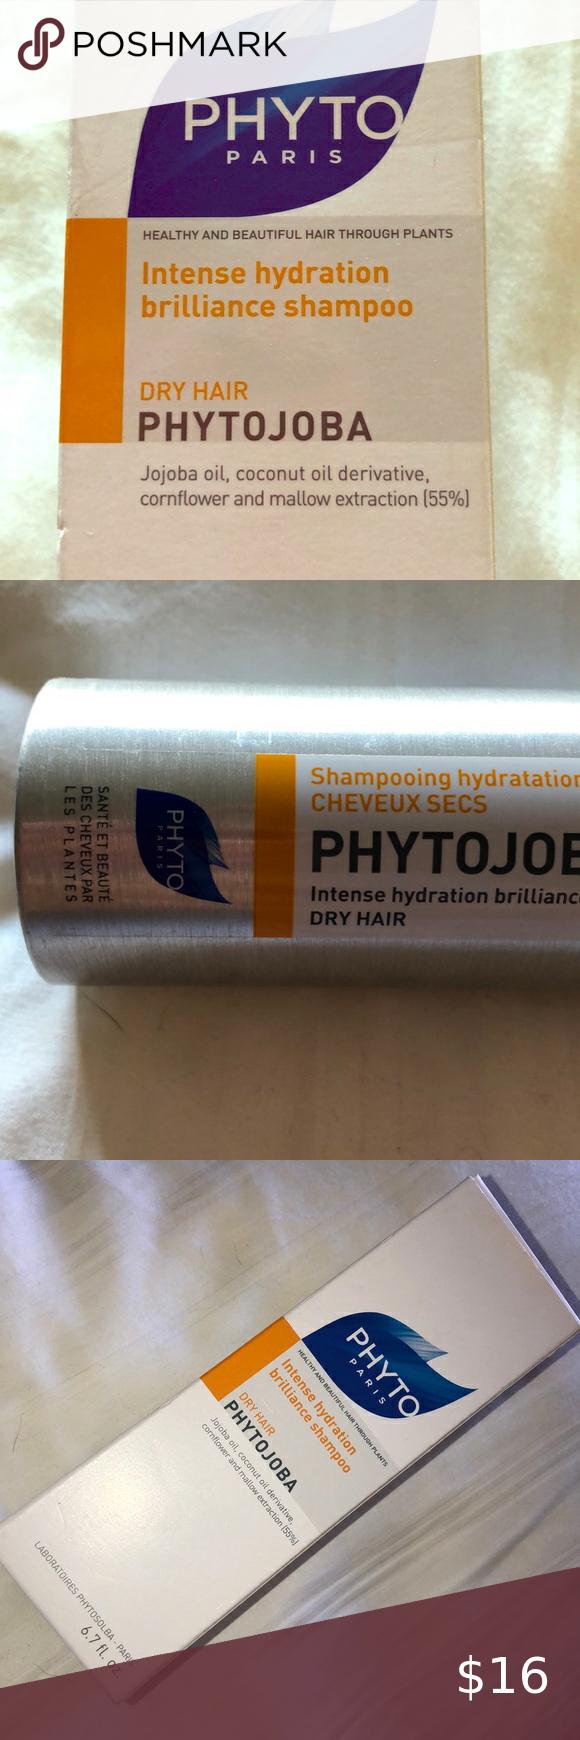 🌵pytho Paris dry hair shampoo made in Paris 🌵pytho